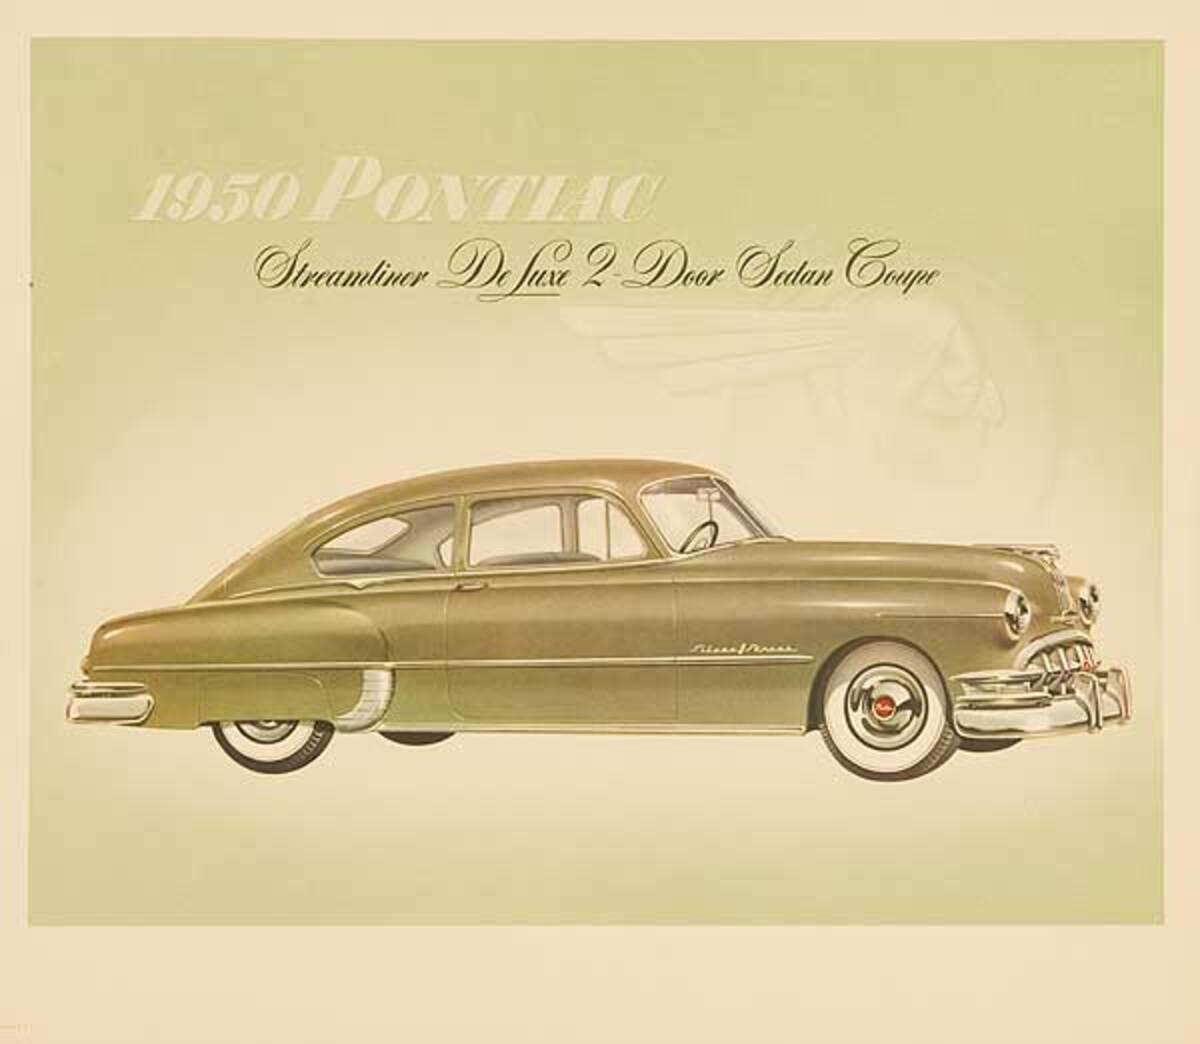 1950 Pontiac Streamliner DeLuxe 2 Door Sedan Coupe Original Showroom Advertising Poster